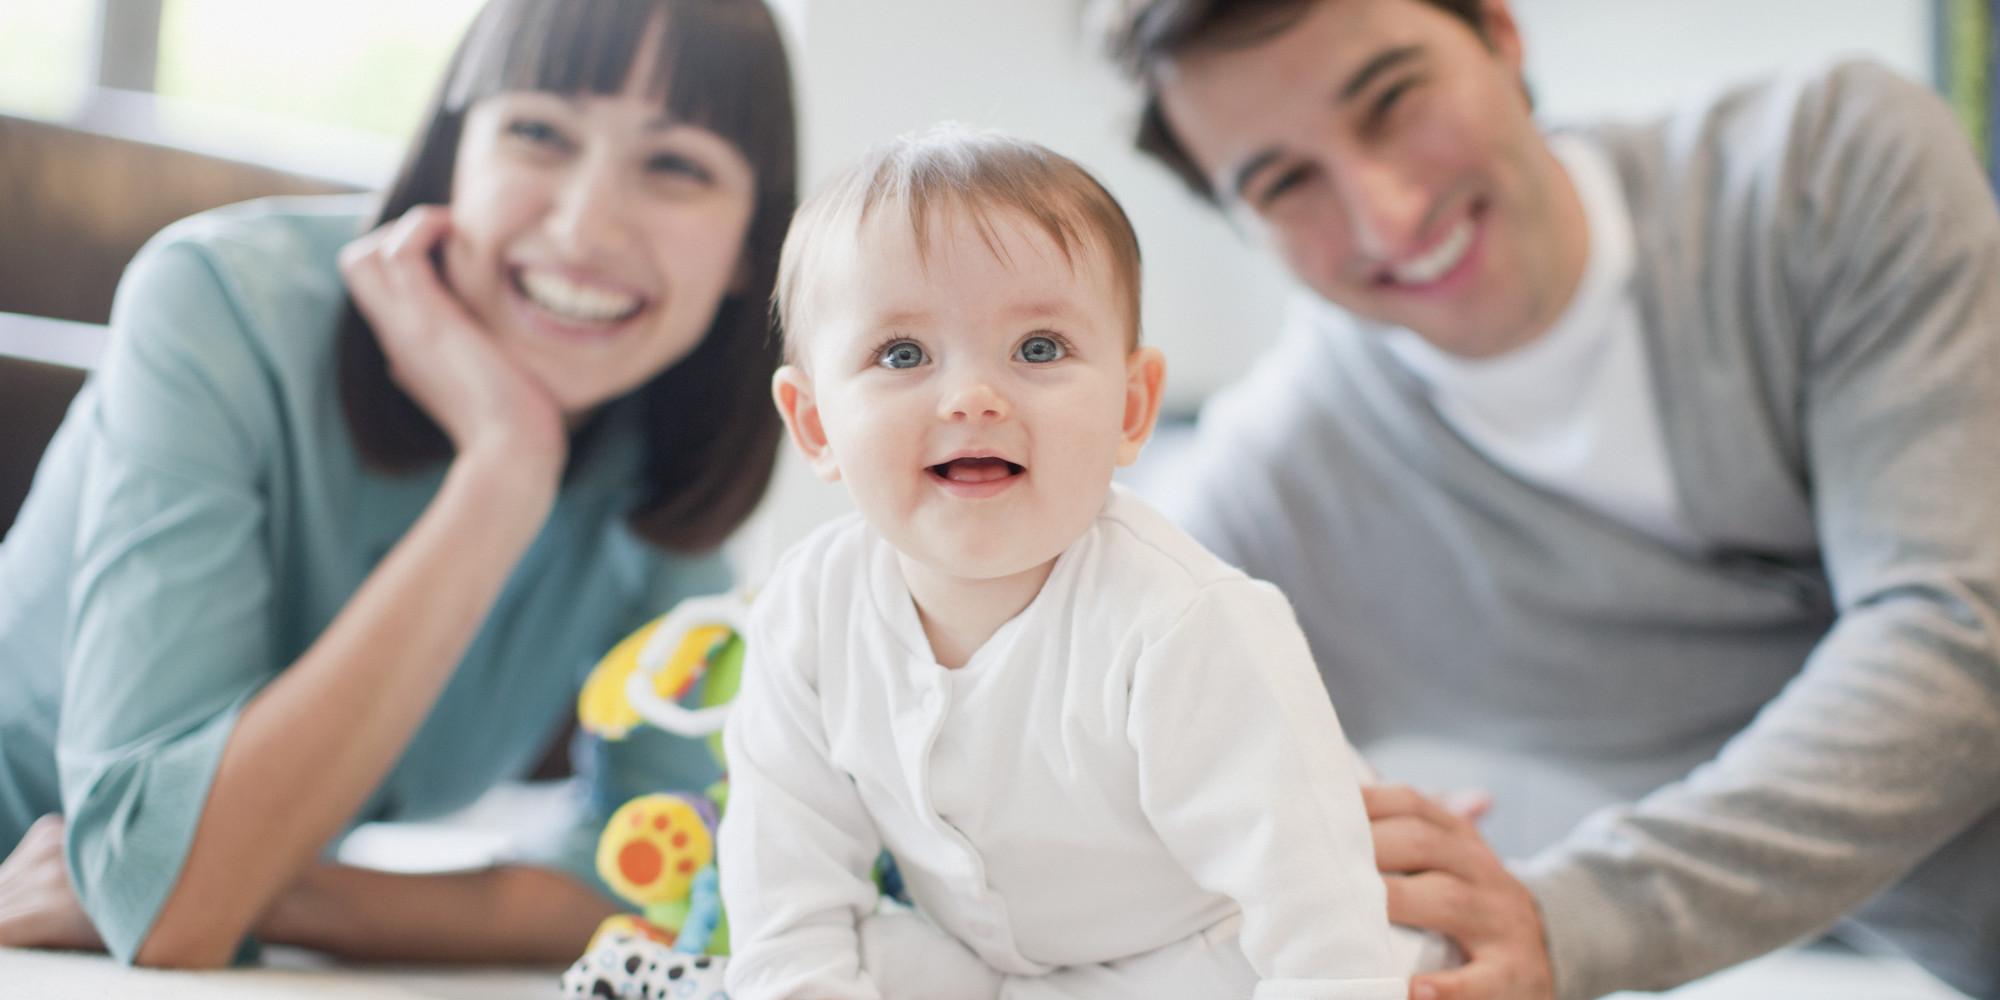 Бид хүүхдээ хэрхэн хайрладаг вэ?